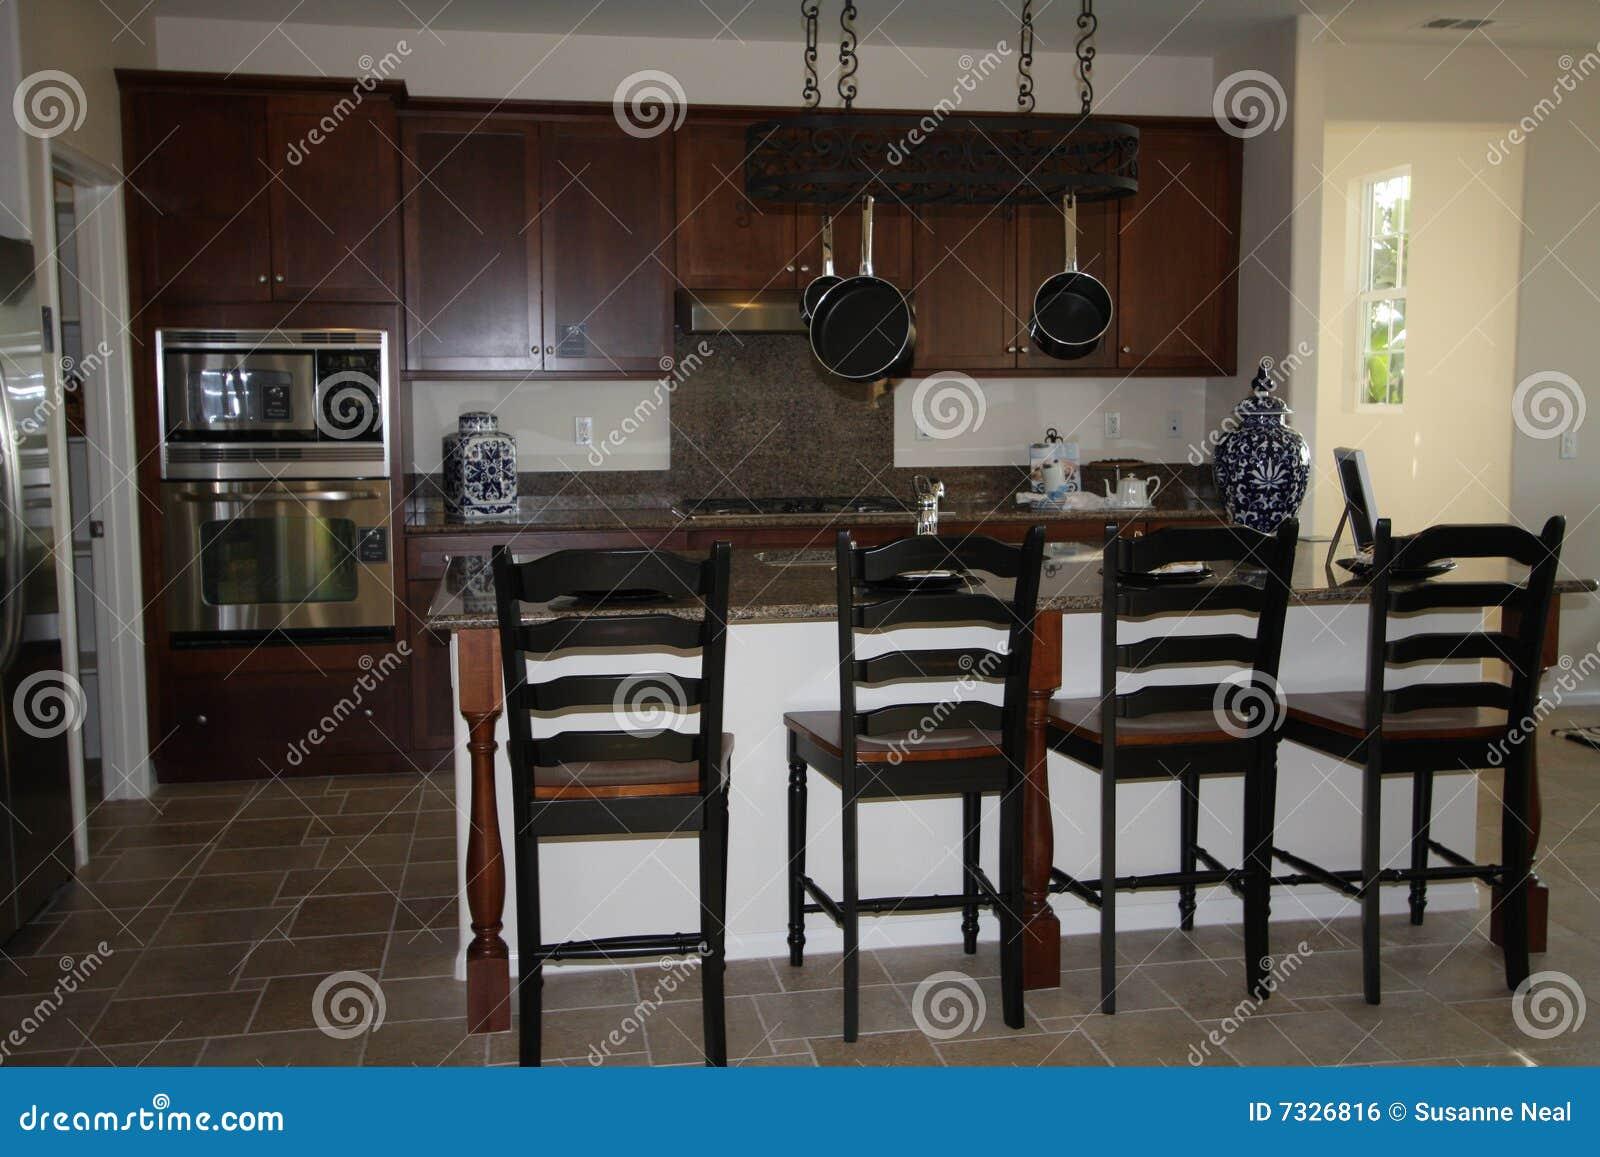 Cucina Moderna Con Lisola Immagine Stock Libera da Diritti - Immagine ...